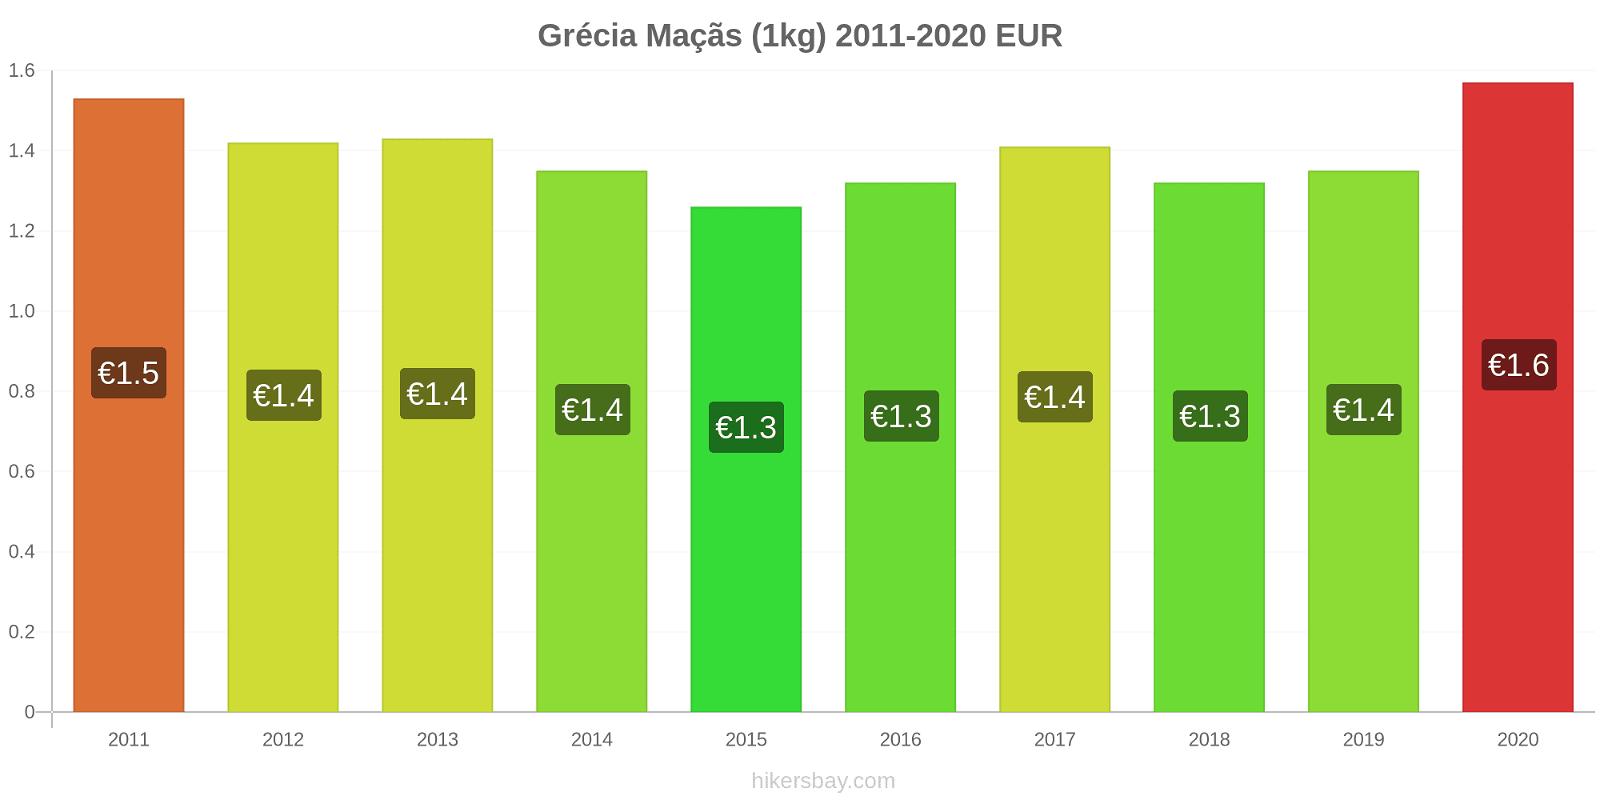 Grécia variação de preço Maçãs (1kg) hikersbay.com